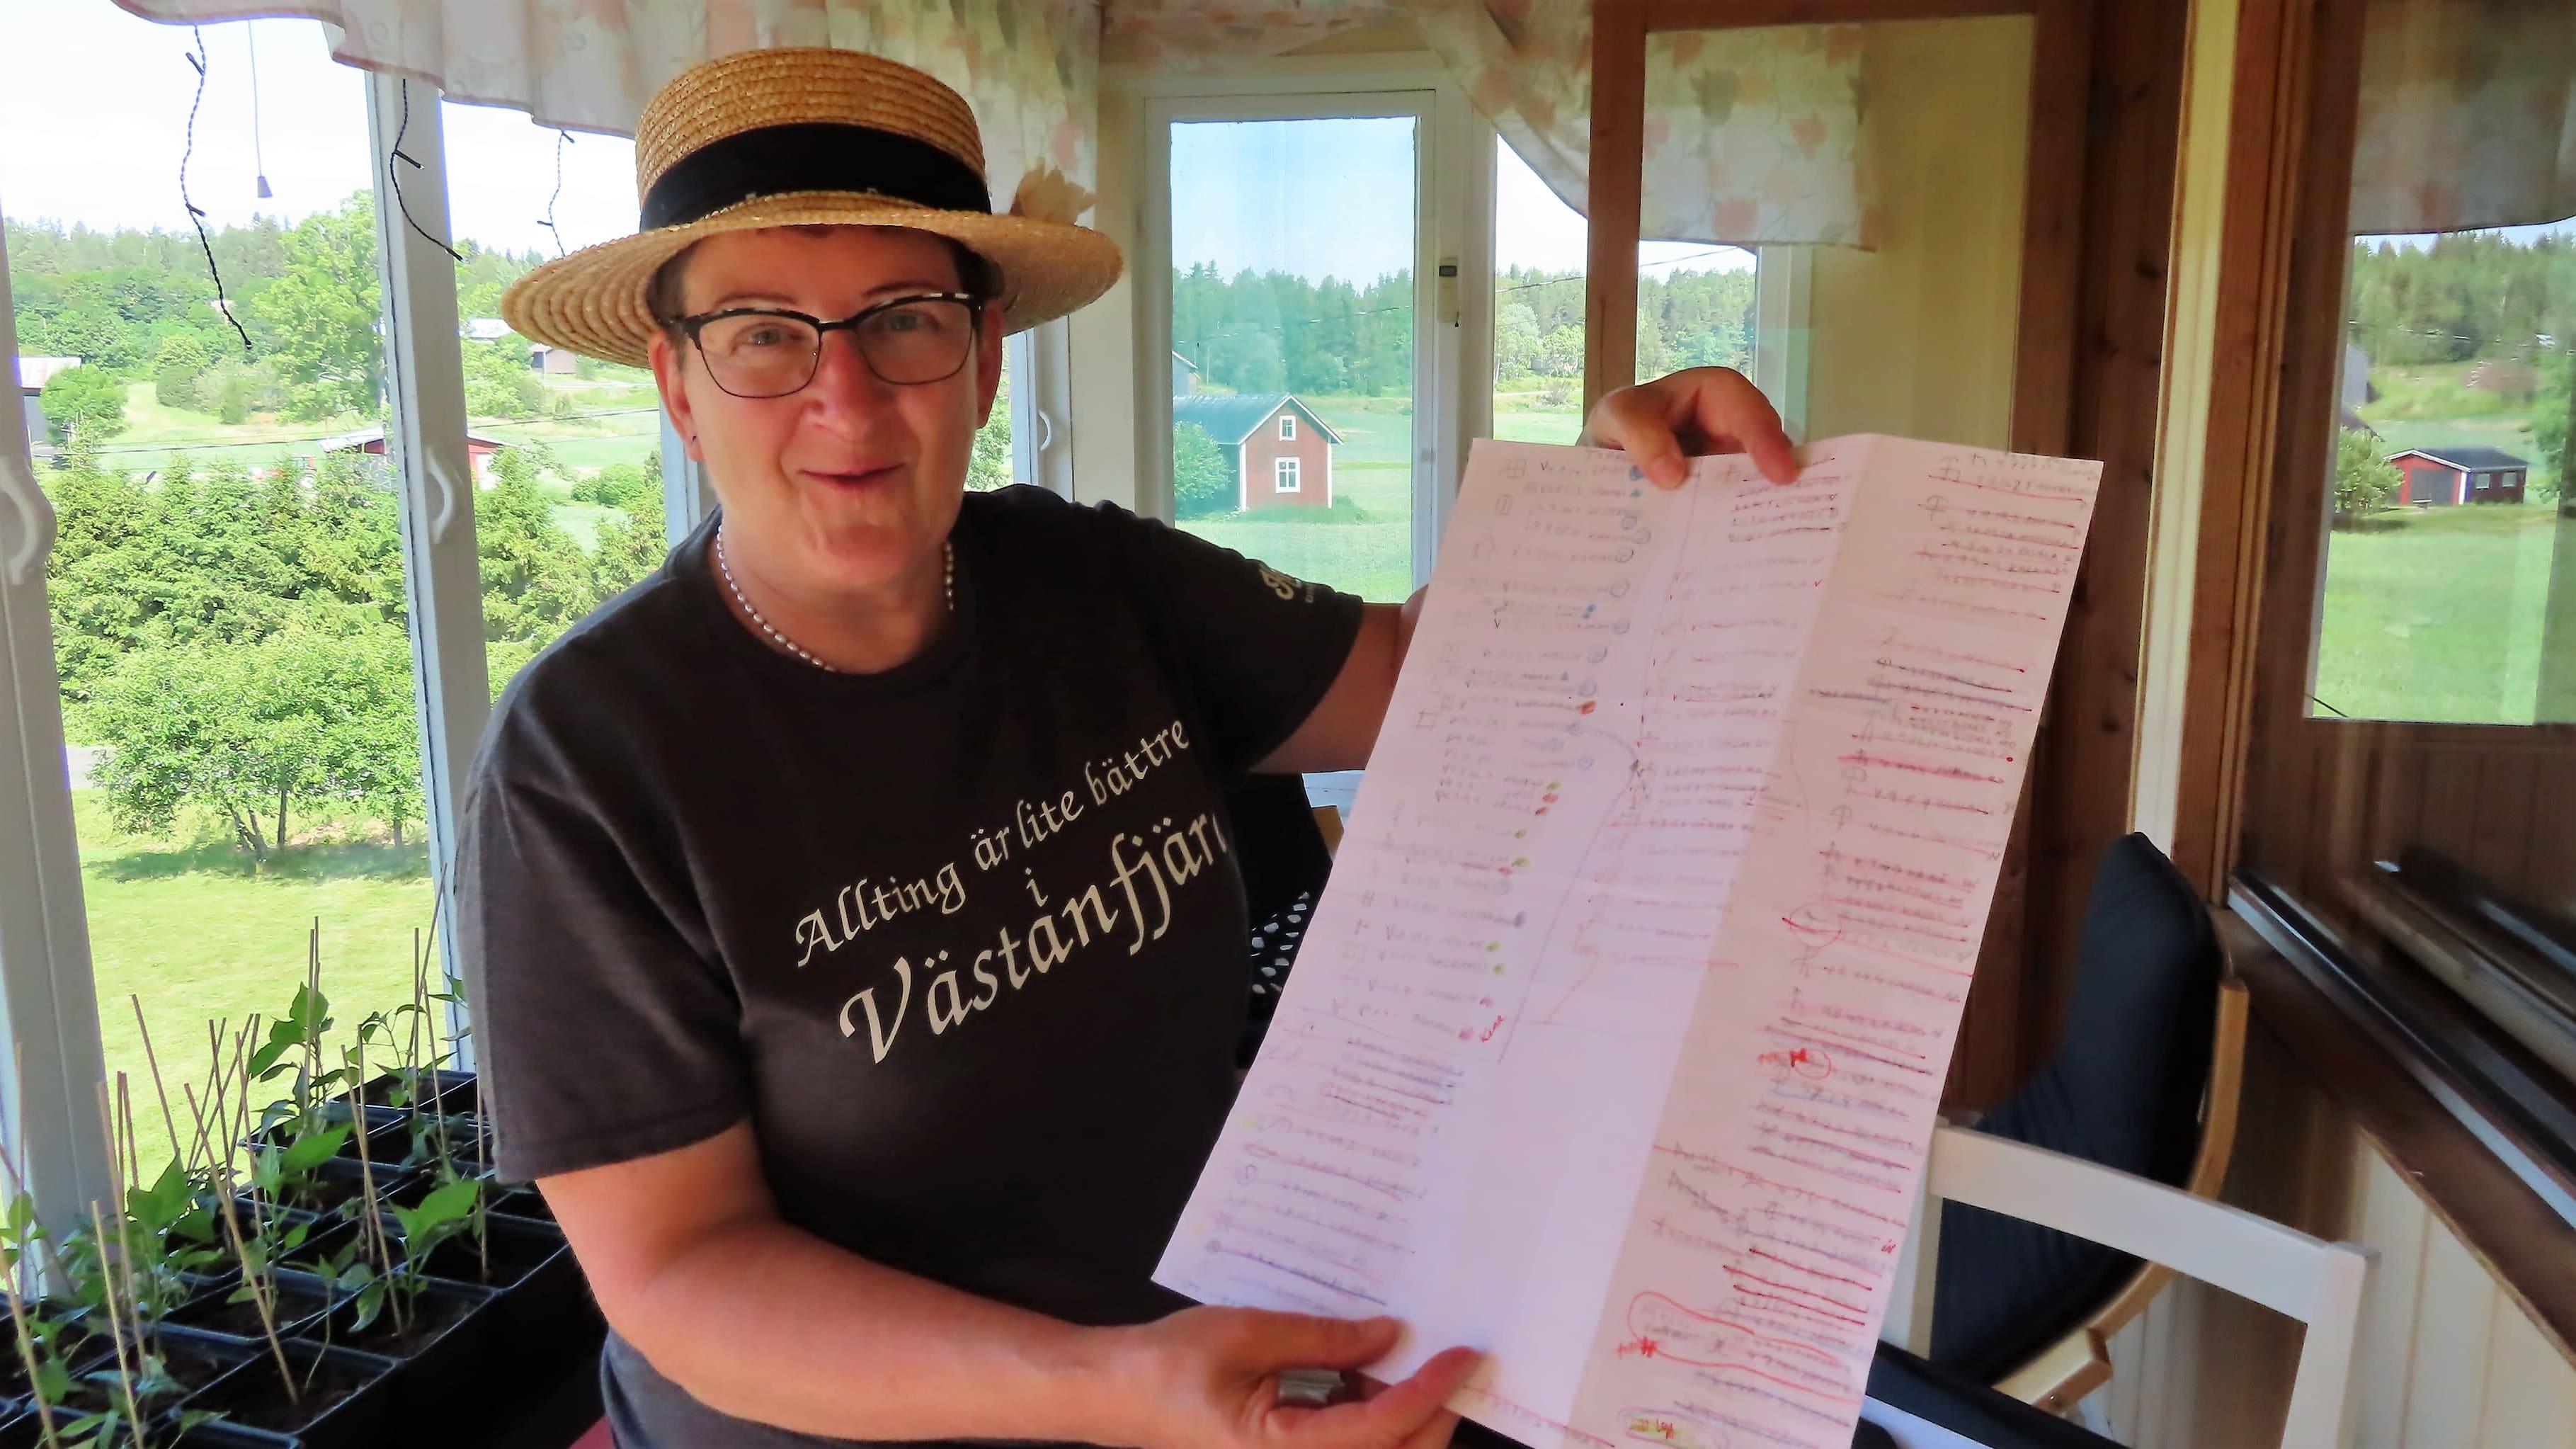 Turunmaan saariston puumerkit on kerätty kirjaan – yli 500 esivanhempien käyttämää symbolia löytyi vanhoista esineistä